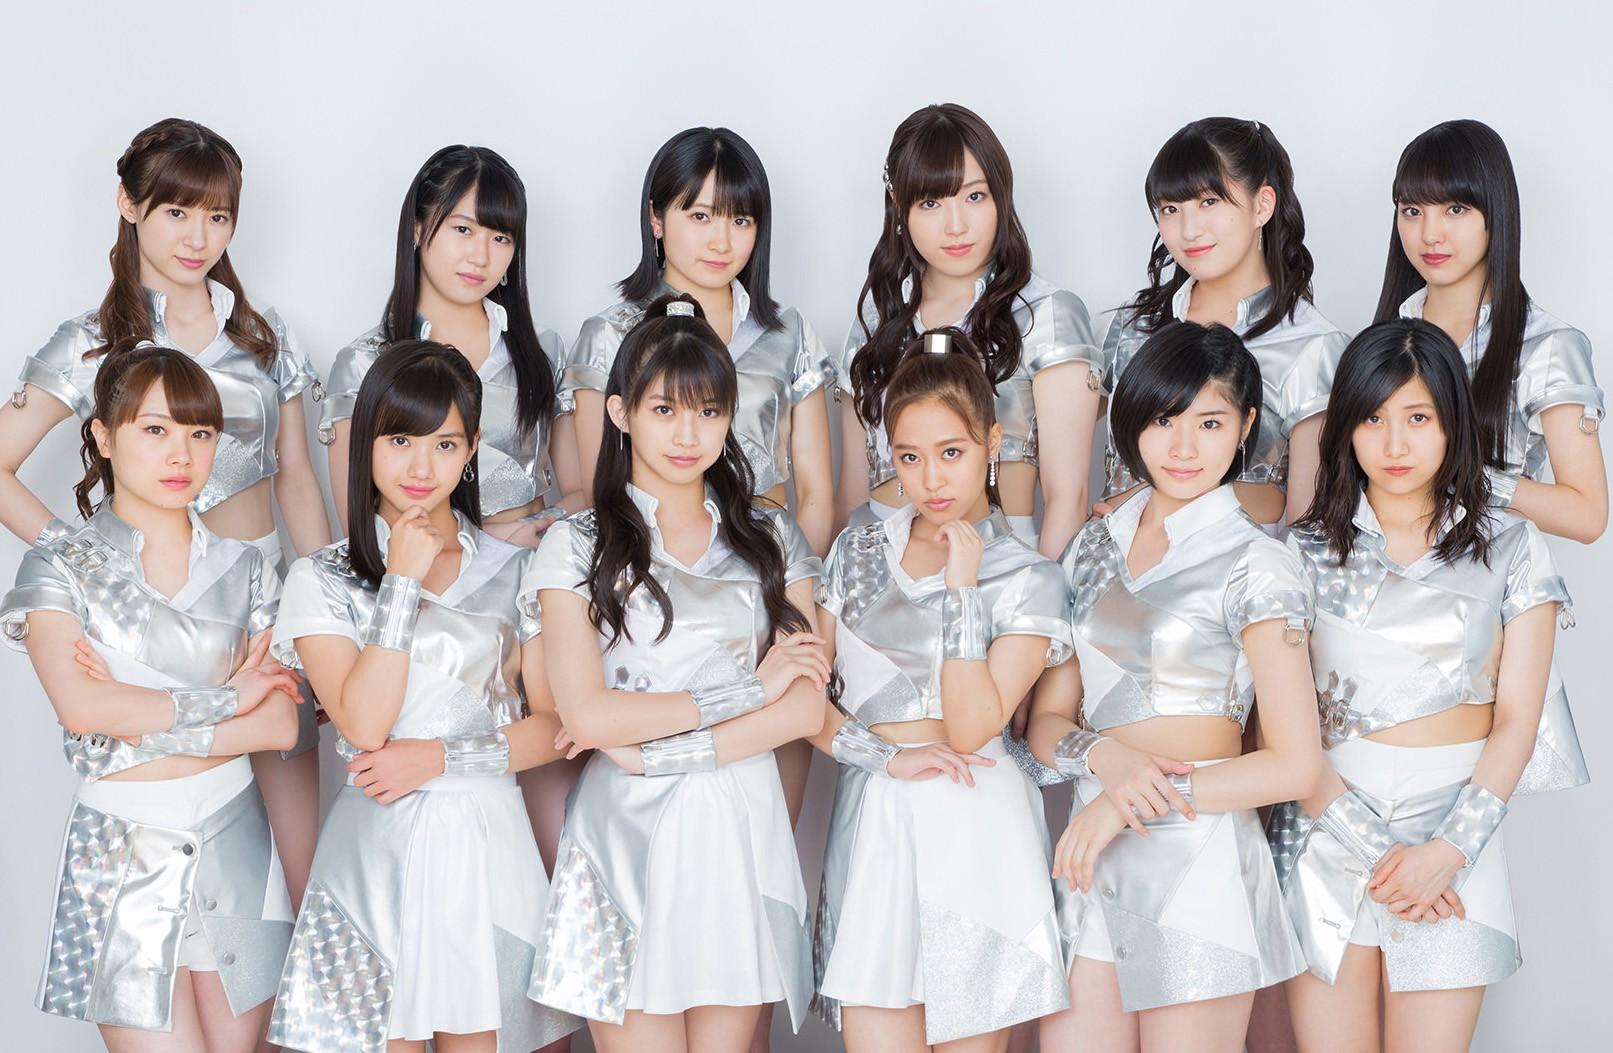 Vụ ngoại tình xôn xao showbiz Nhật Bản: Tiểu tam bị đòi bồi thường 700 triệu bèn tố ngược tình nhân chán cơm thèm phở - Ảnh 1.